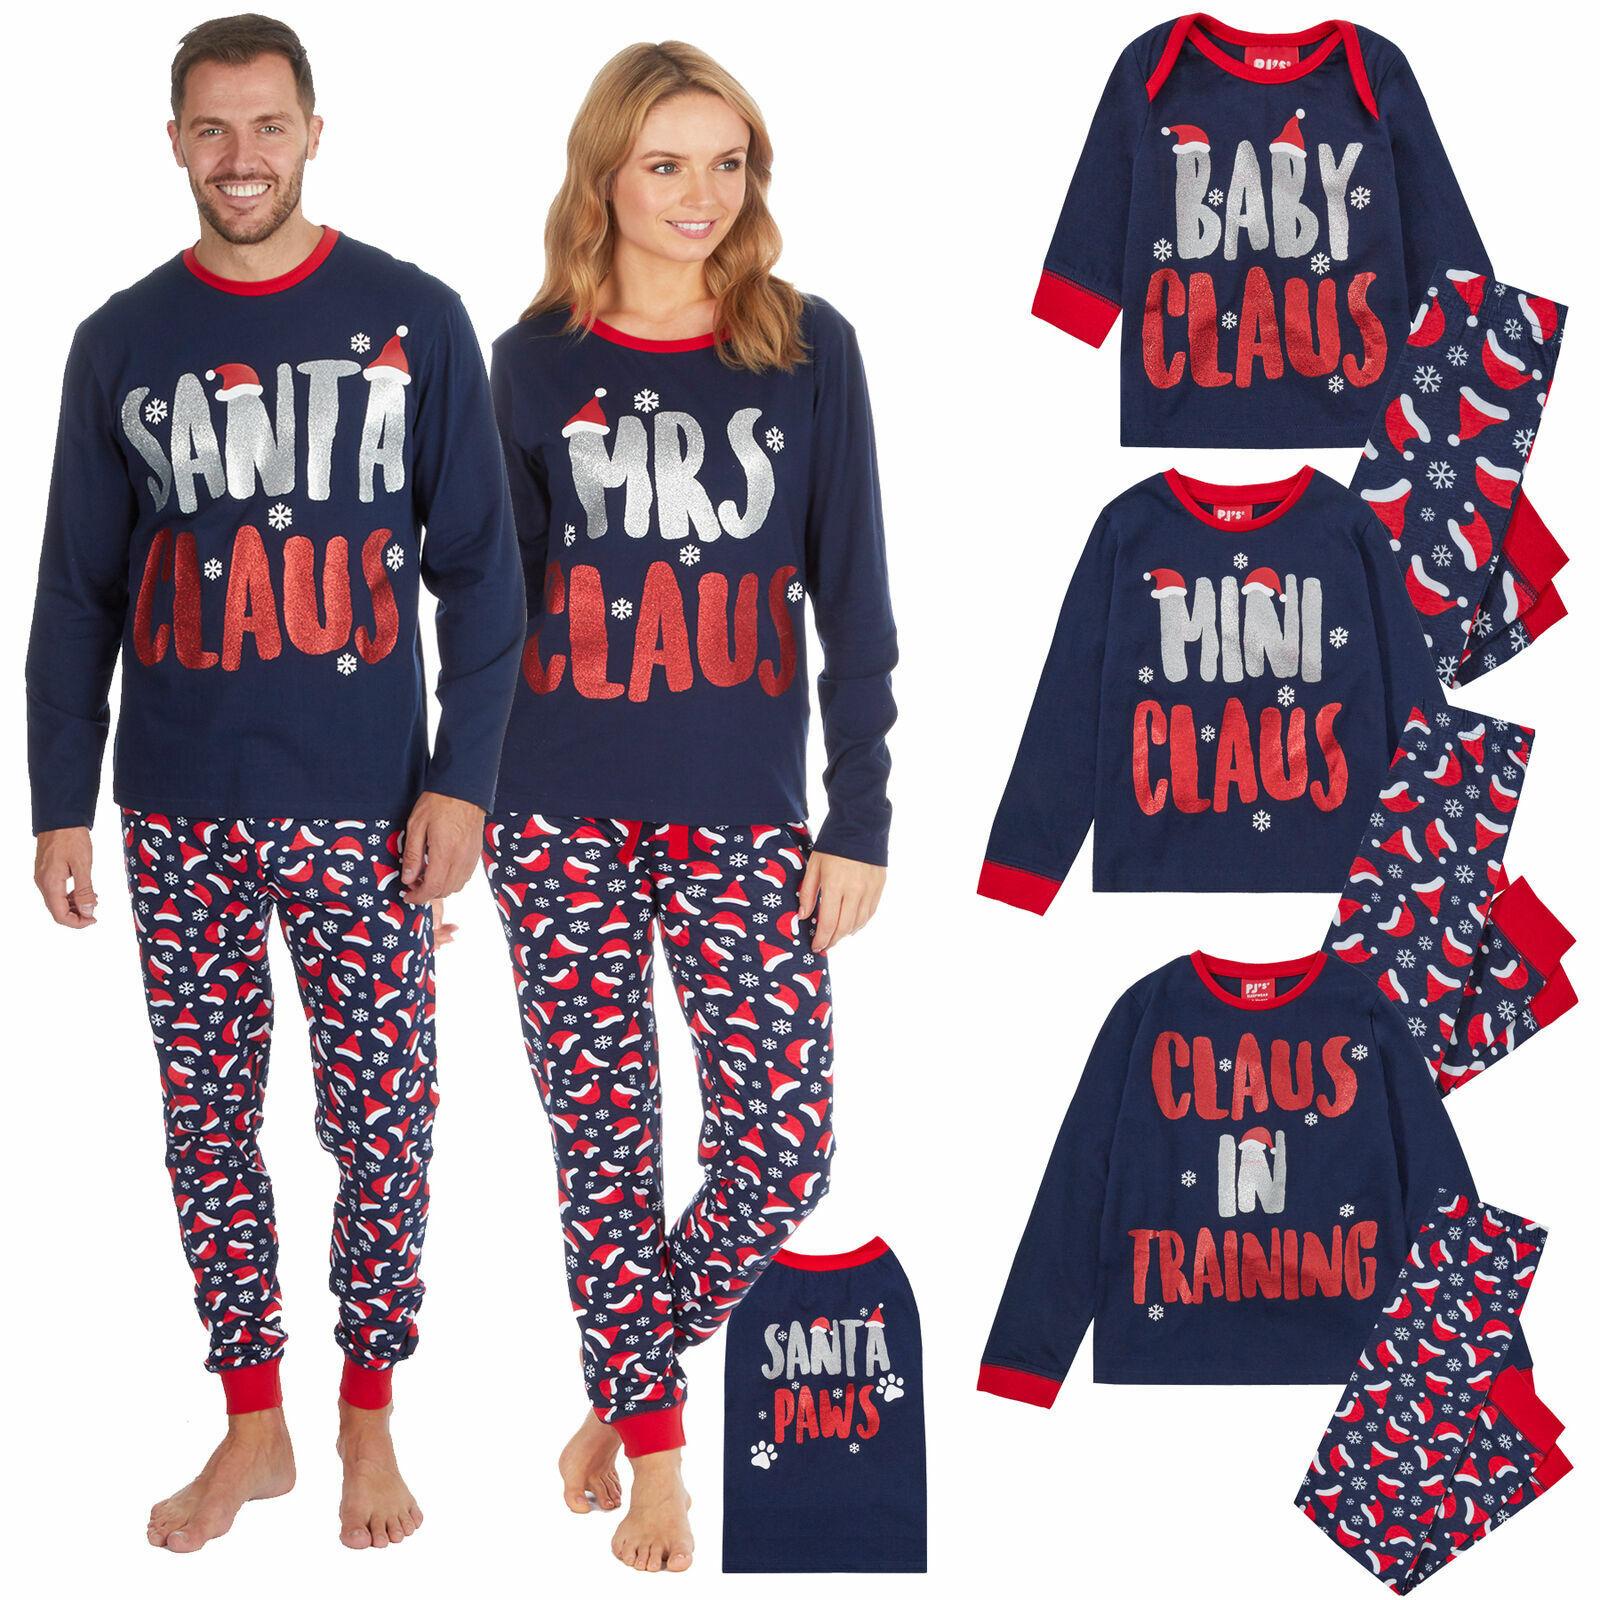 Family Xmas Matching Pajamas Adult Kids Dog Christmas Pyjama